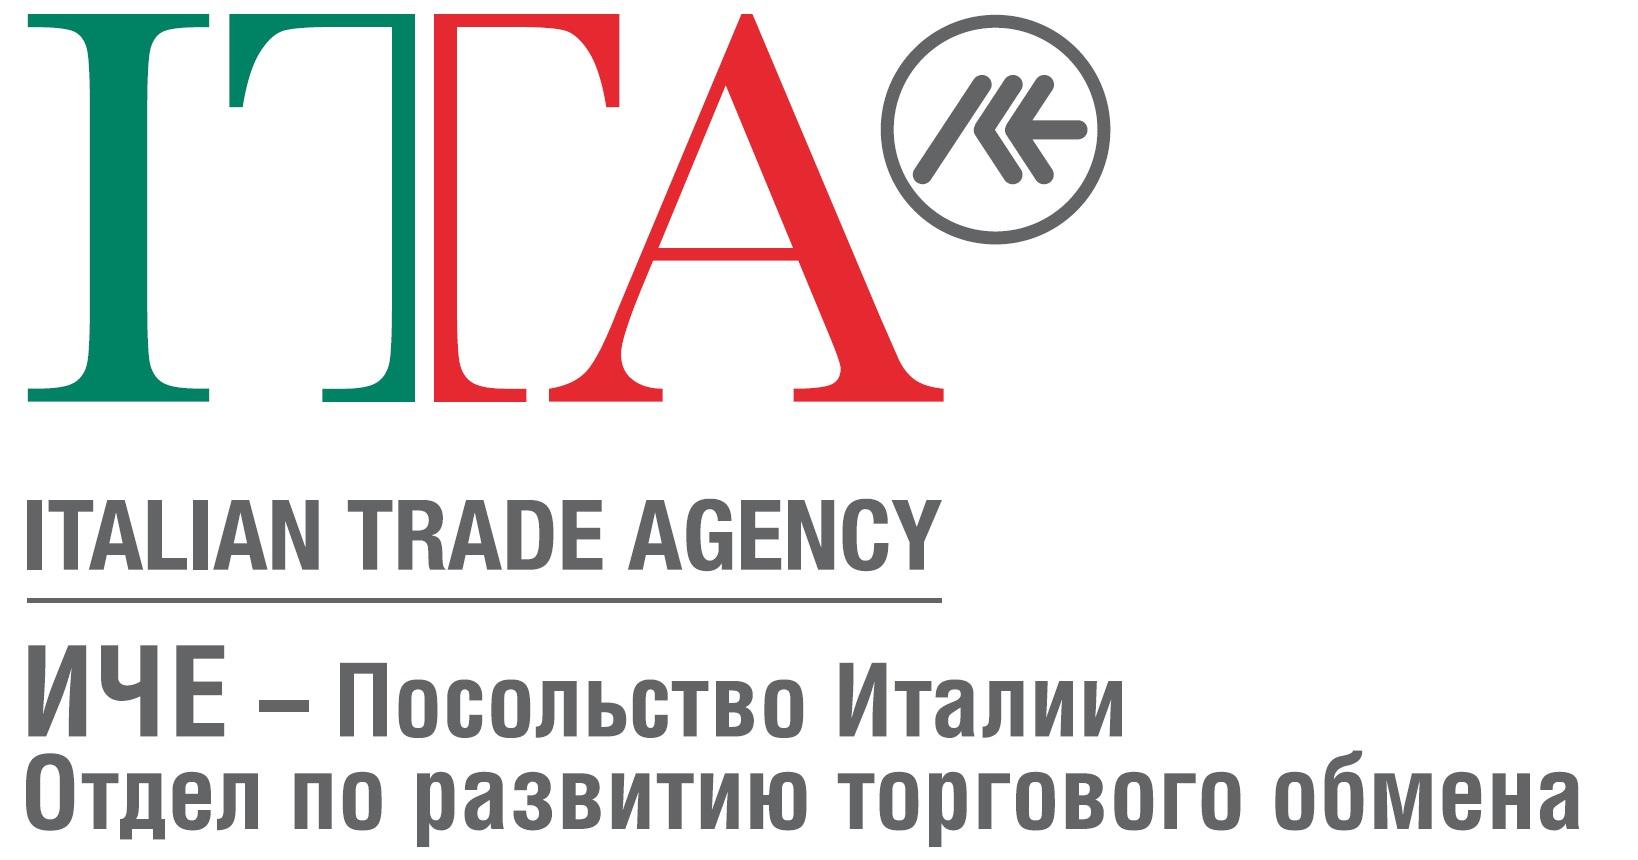 ИЧЕ-Посольство Италии, отдел по развитию торгового обмена